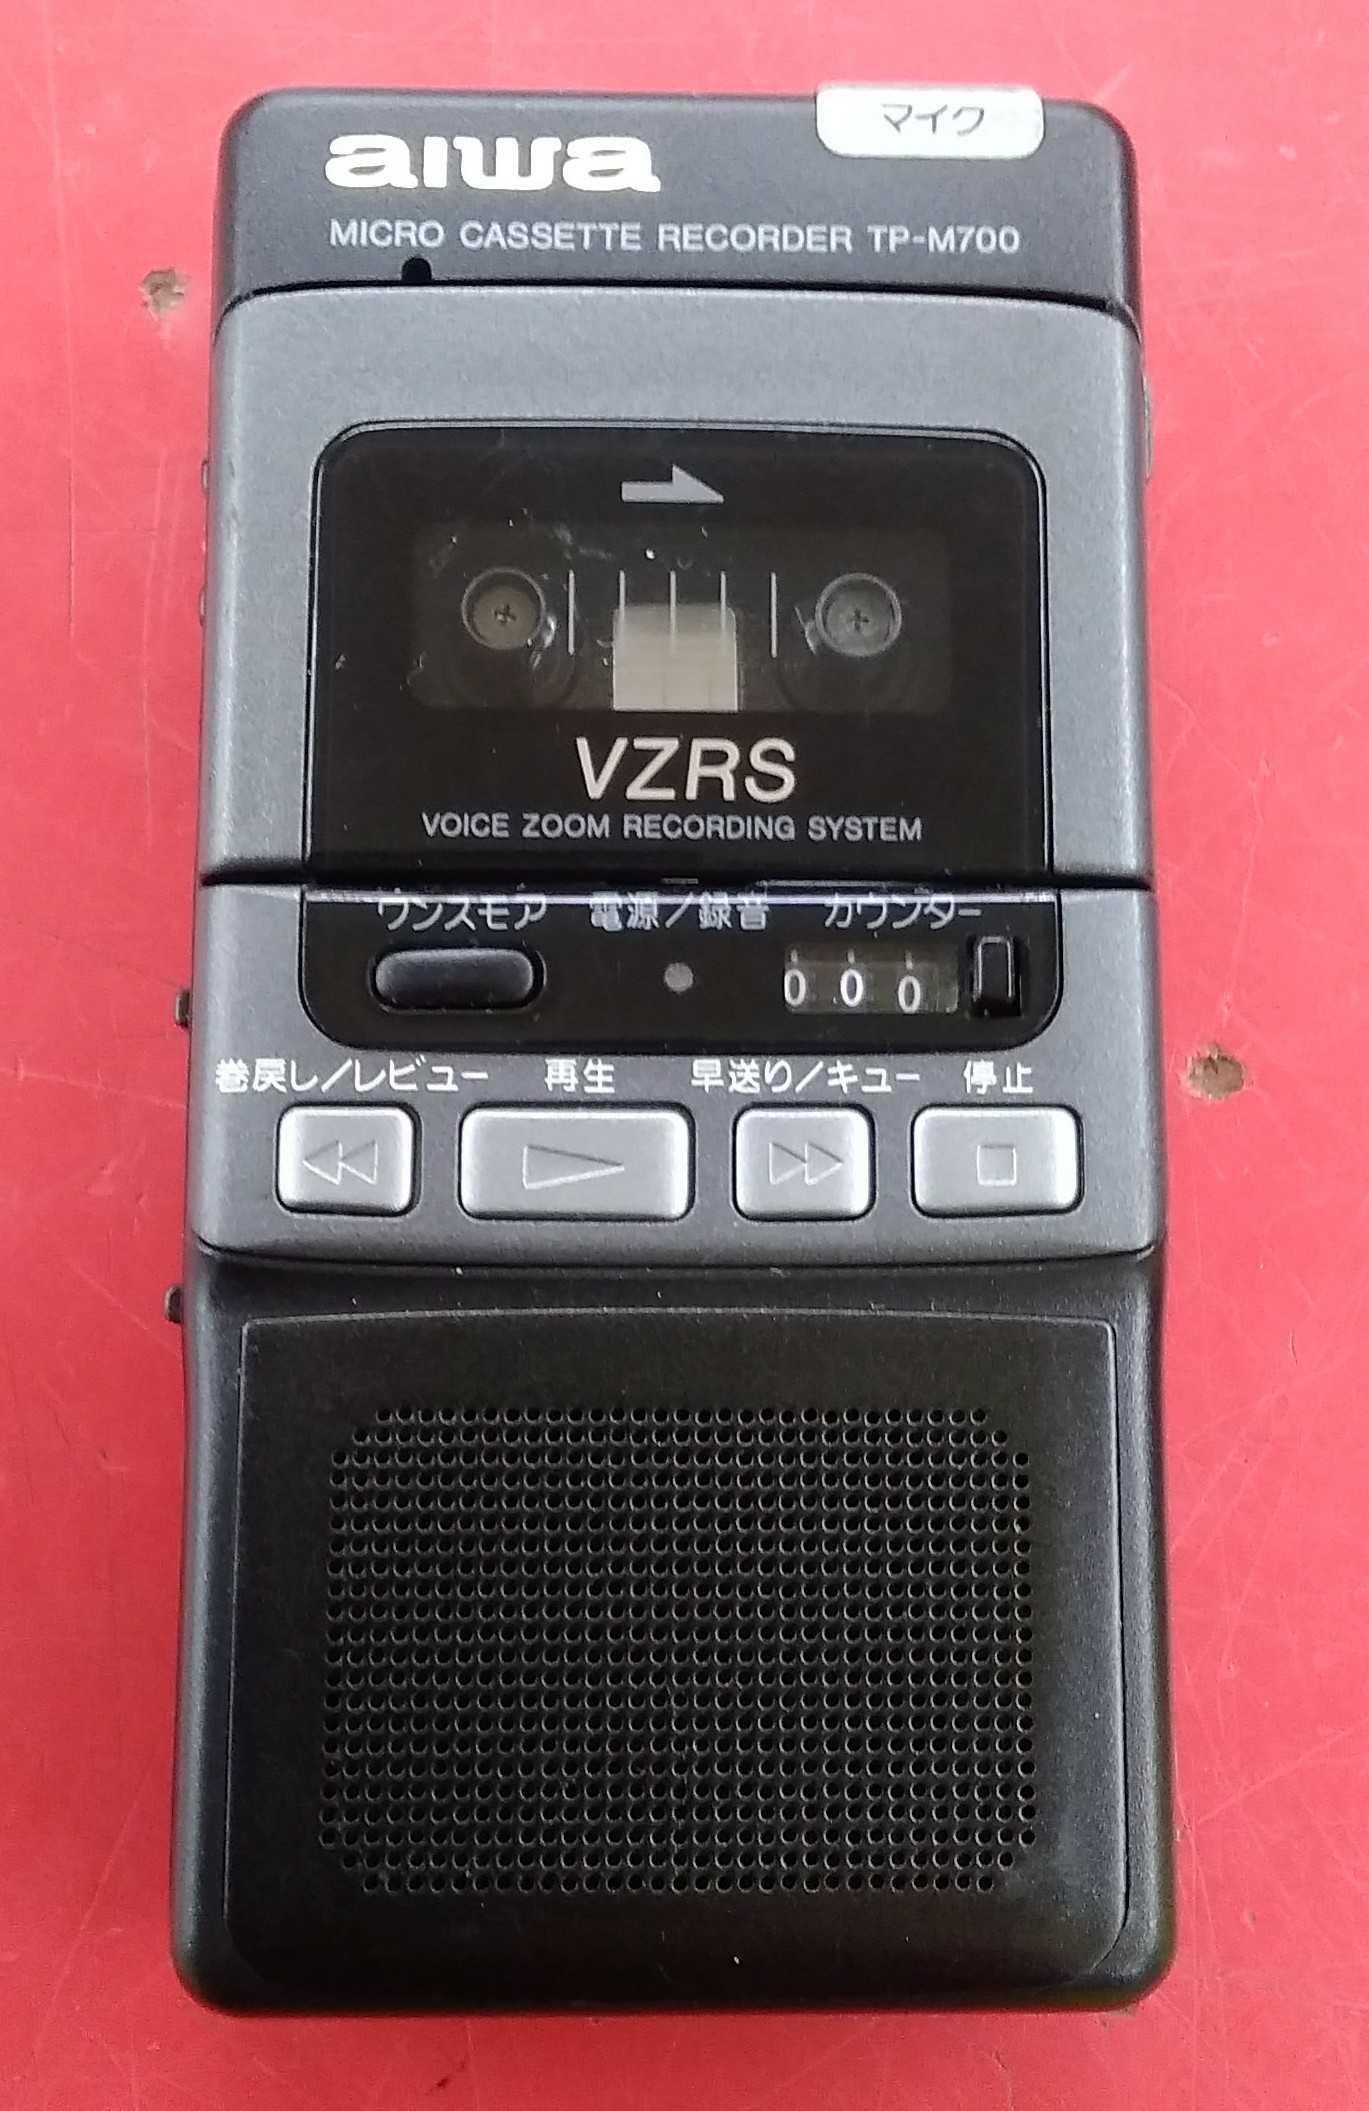 マイクロテープレコーダー|AIWA